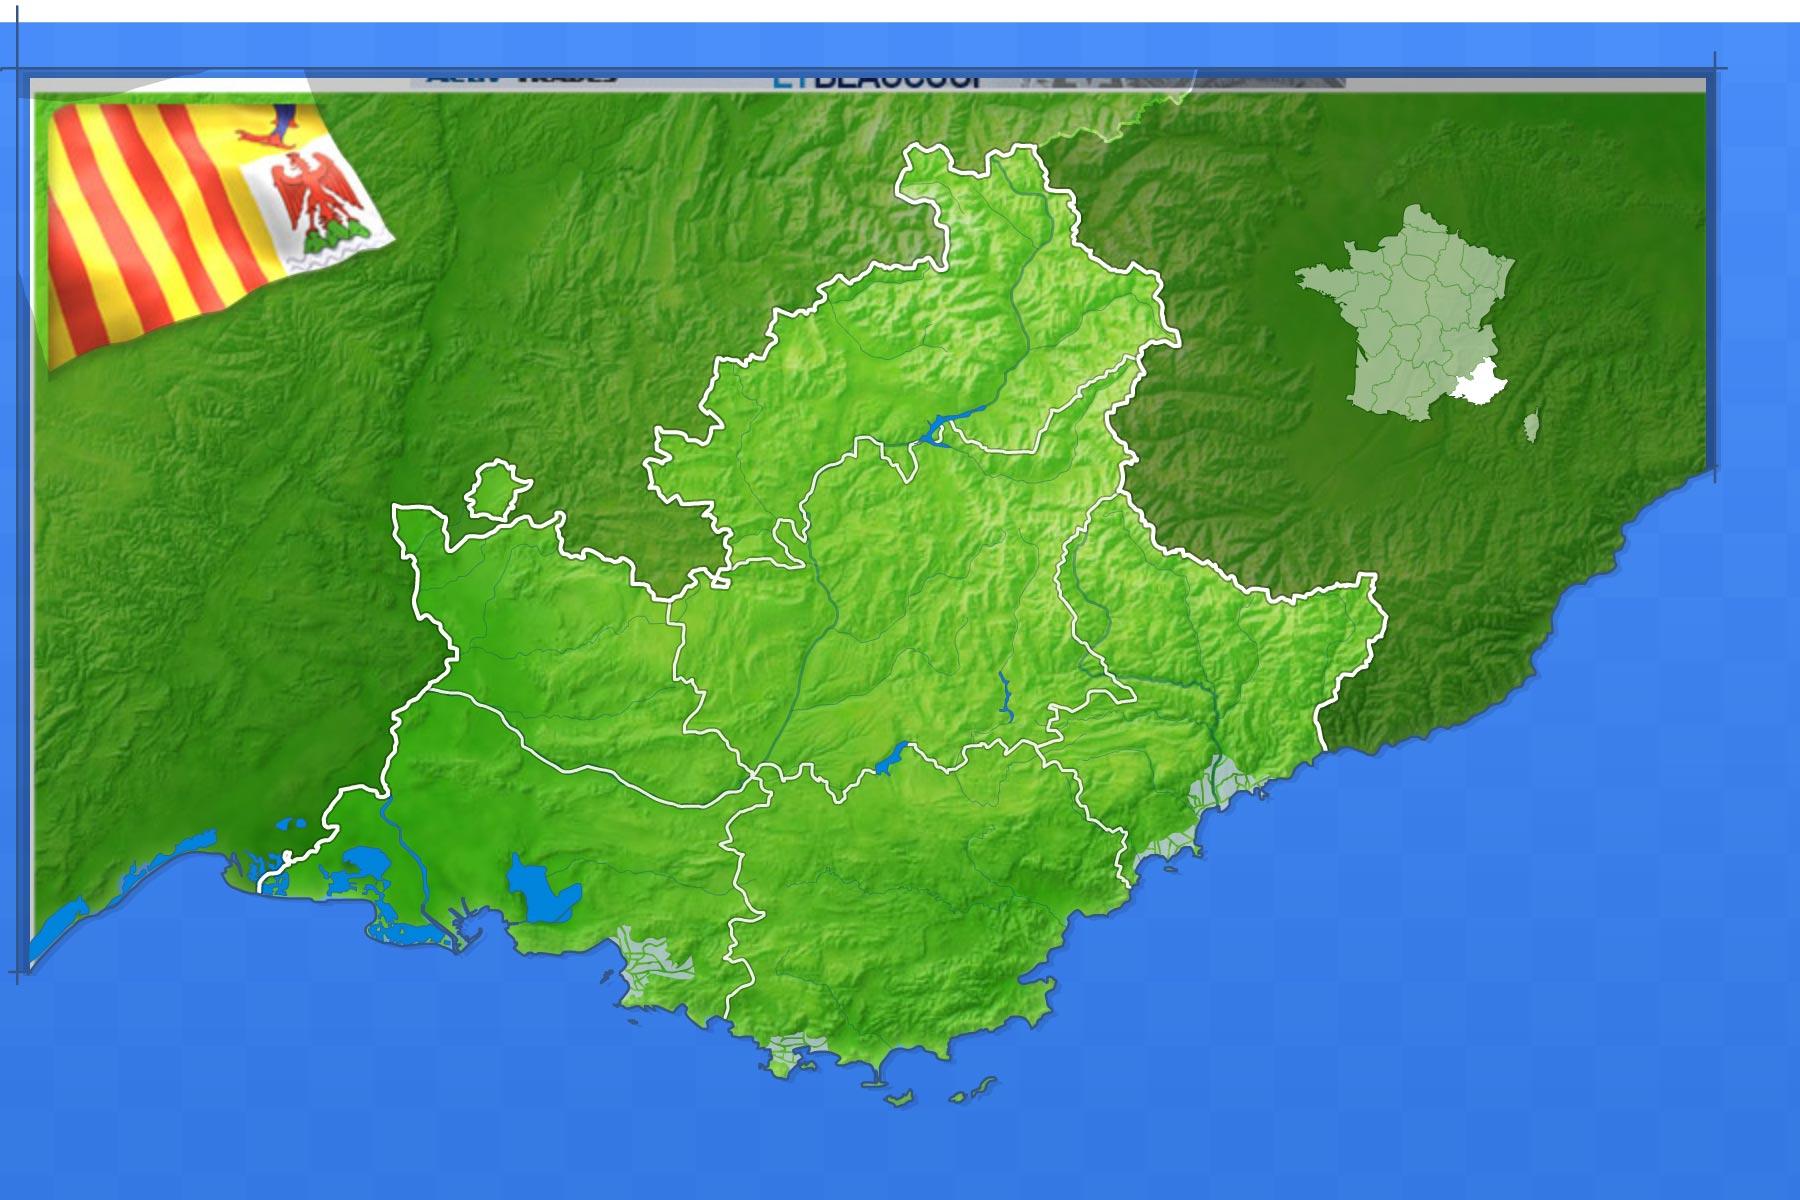 Jeux-Geographiques Jeux Gratuits Villes De Provence dedans Jeu Geographie Ville De France